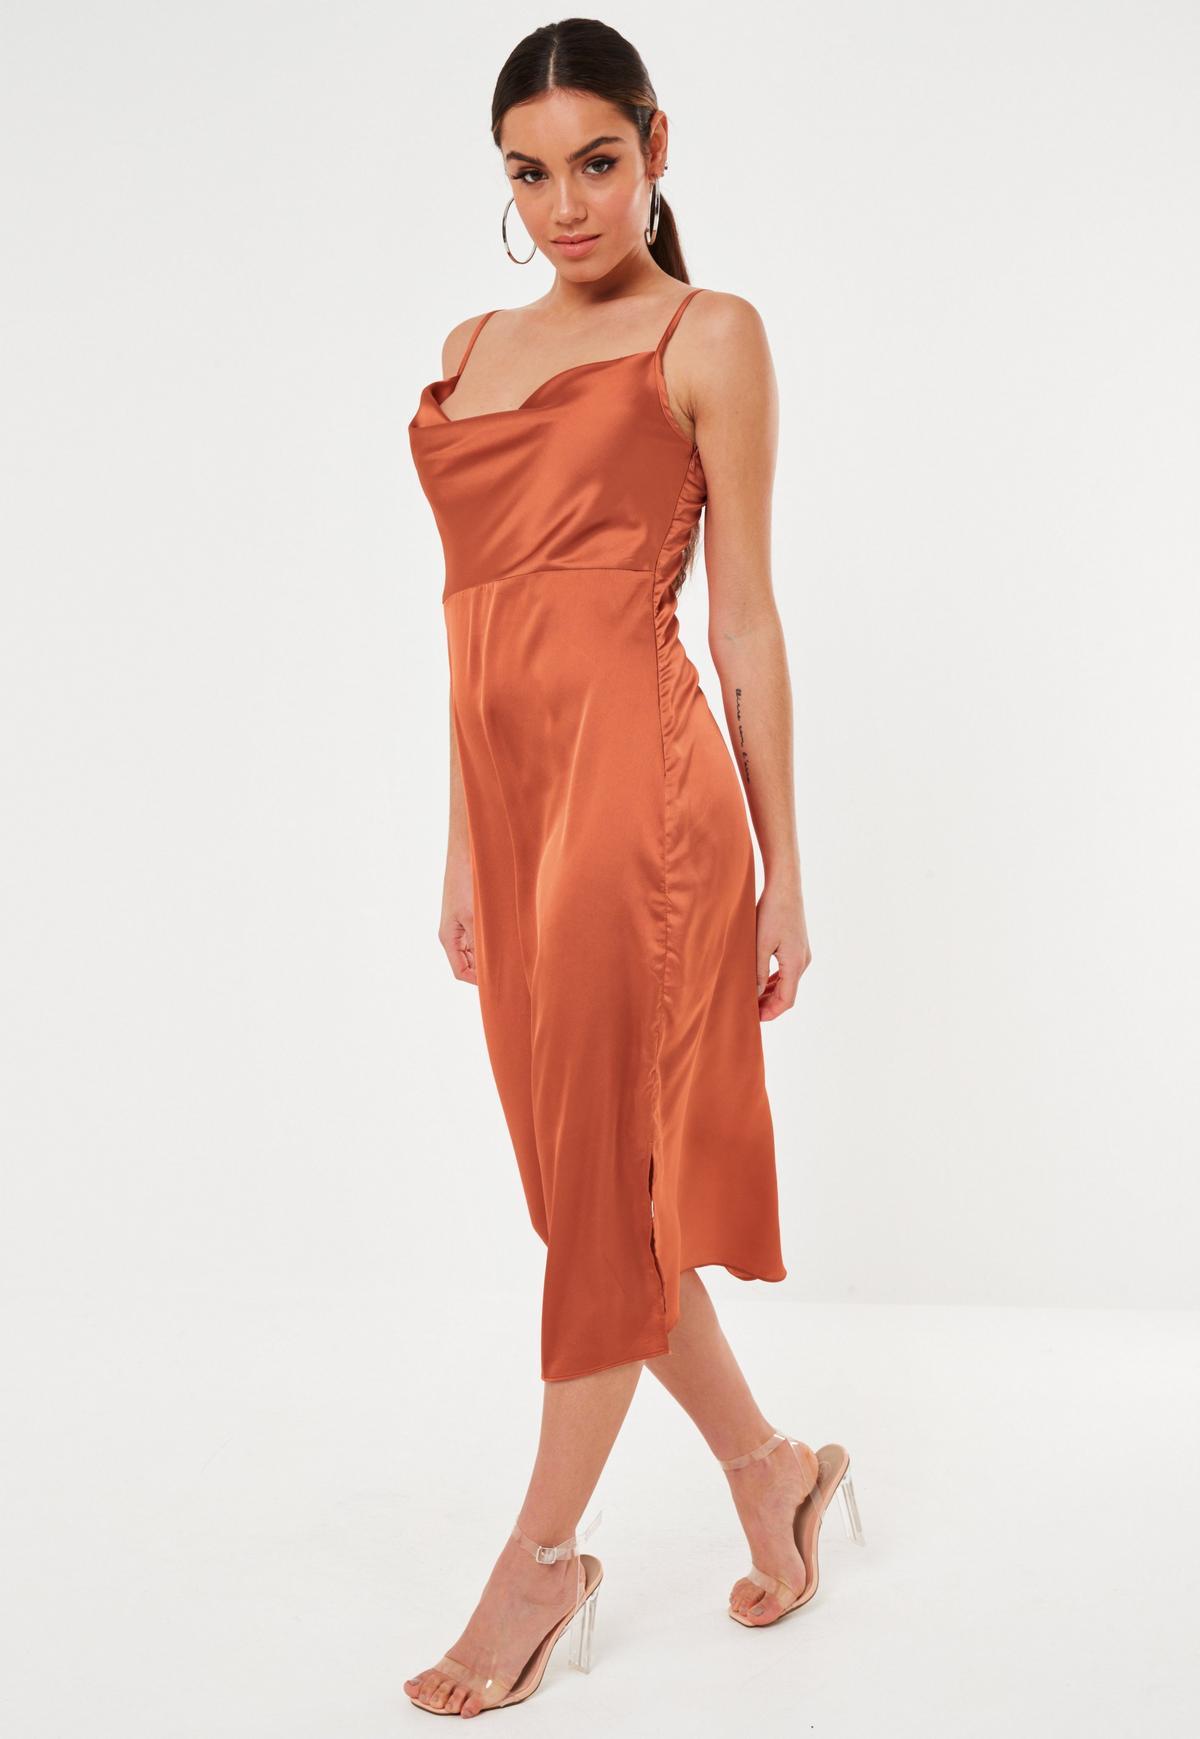 Robe Caraco Mi-Longue Style Nuisette en Satin Moutarde à